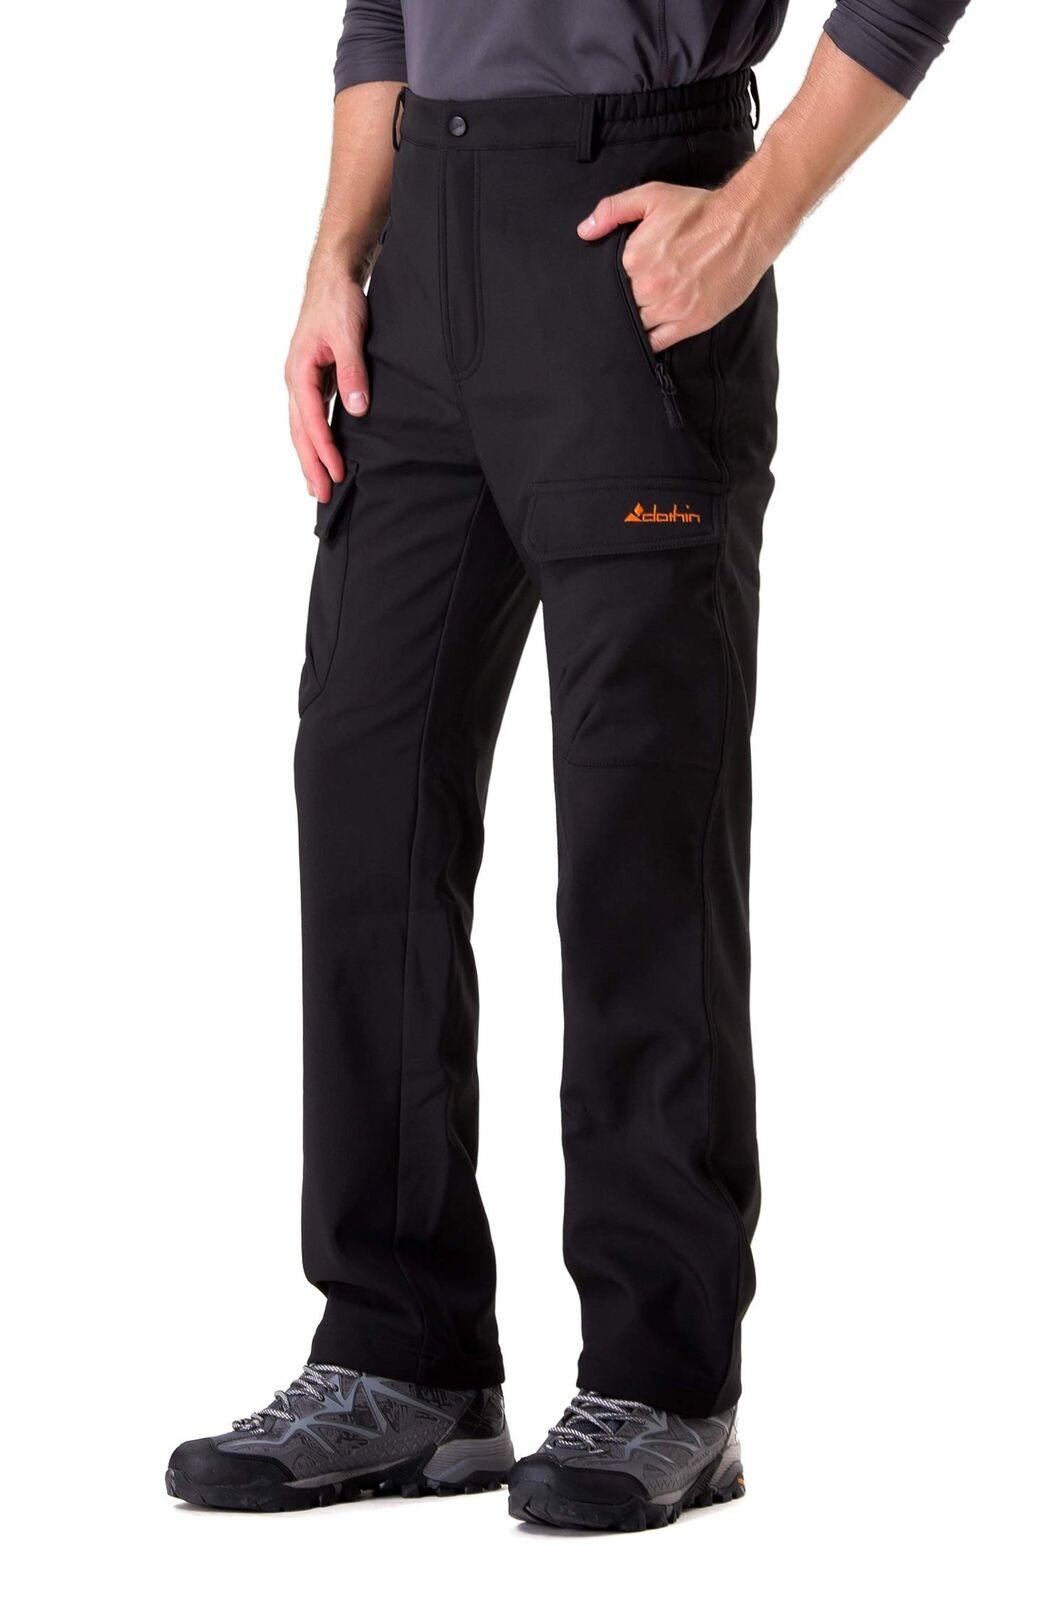 U. msMadame homme Cargo-chaud, doublée polaire Ski Pantalon Cargo-chaud, homme respirant, eau et gagner... d73c39